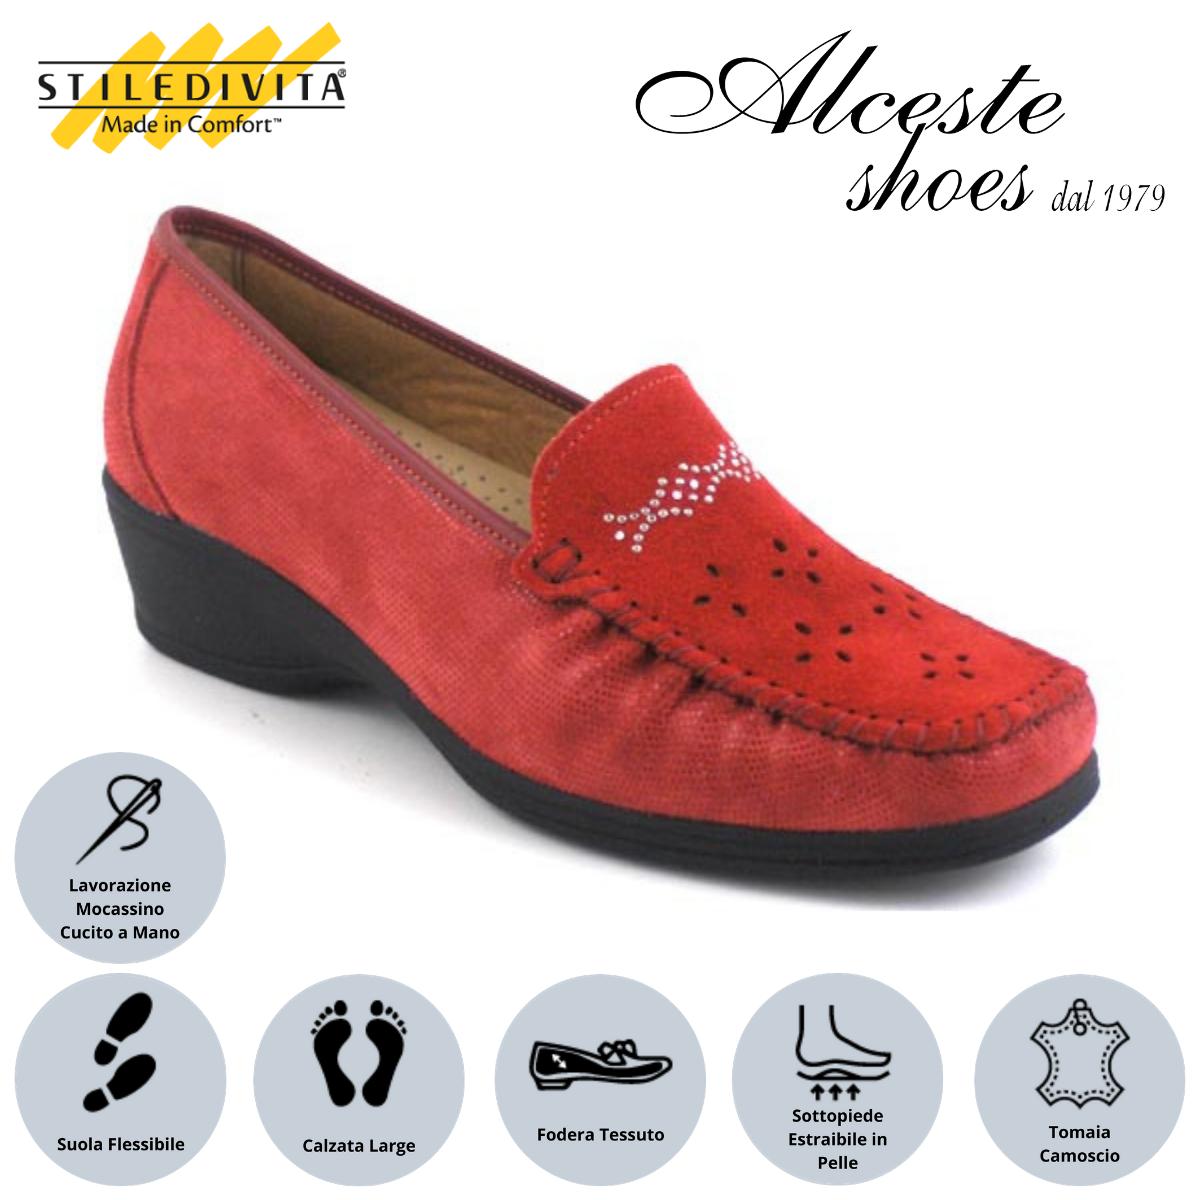 Mocassino Traforato Stiledivita Art. 7368 Camoscio e Camoscio Stampato Rosso Alceste Shoes 9 1